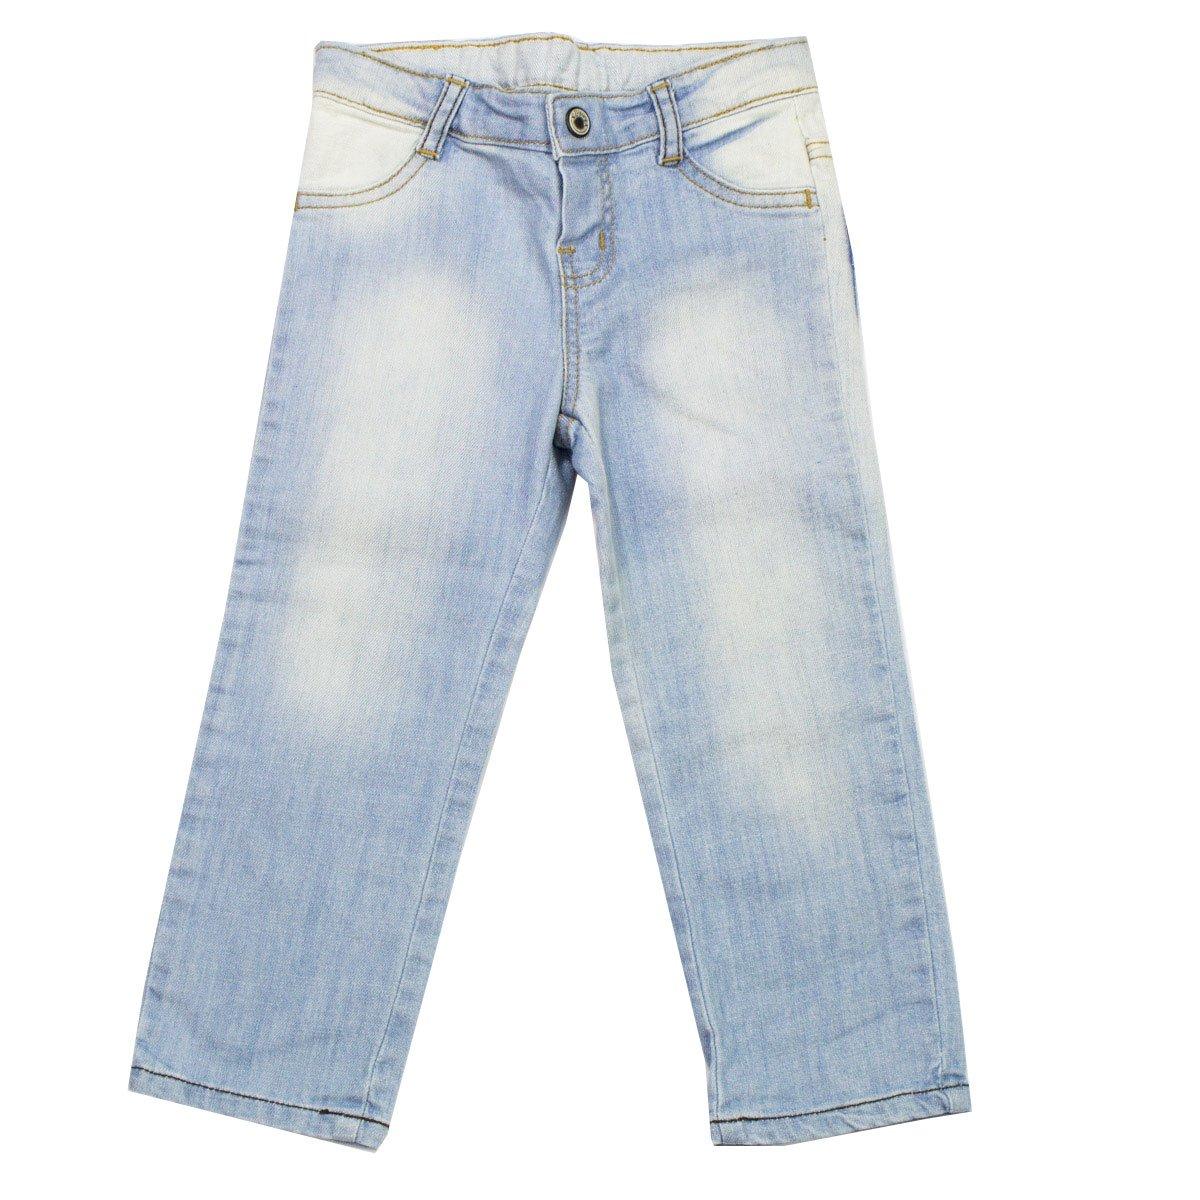 19d40fc5d Bizz Store - Calça Jeans Bebê Menino Hering Kids